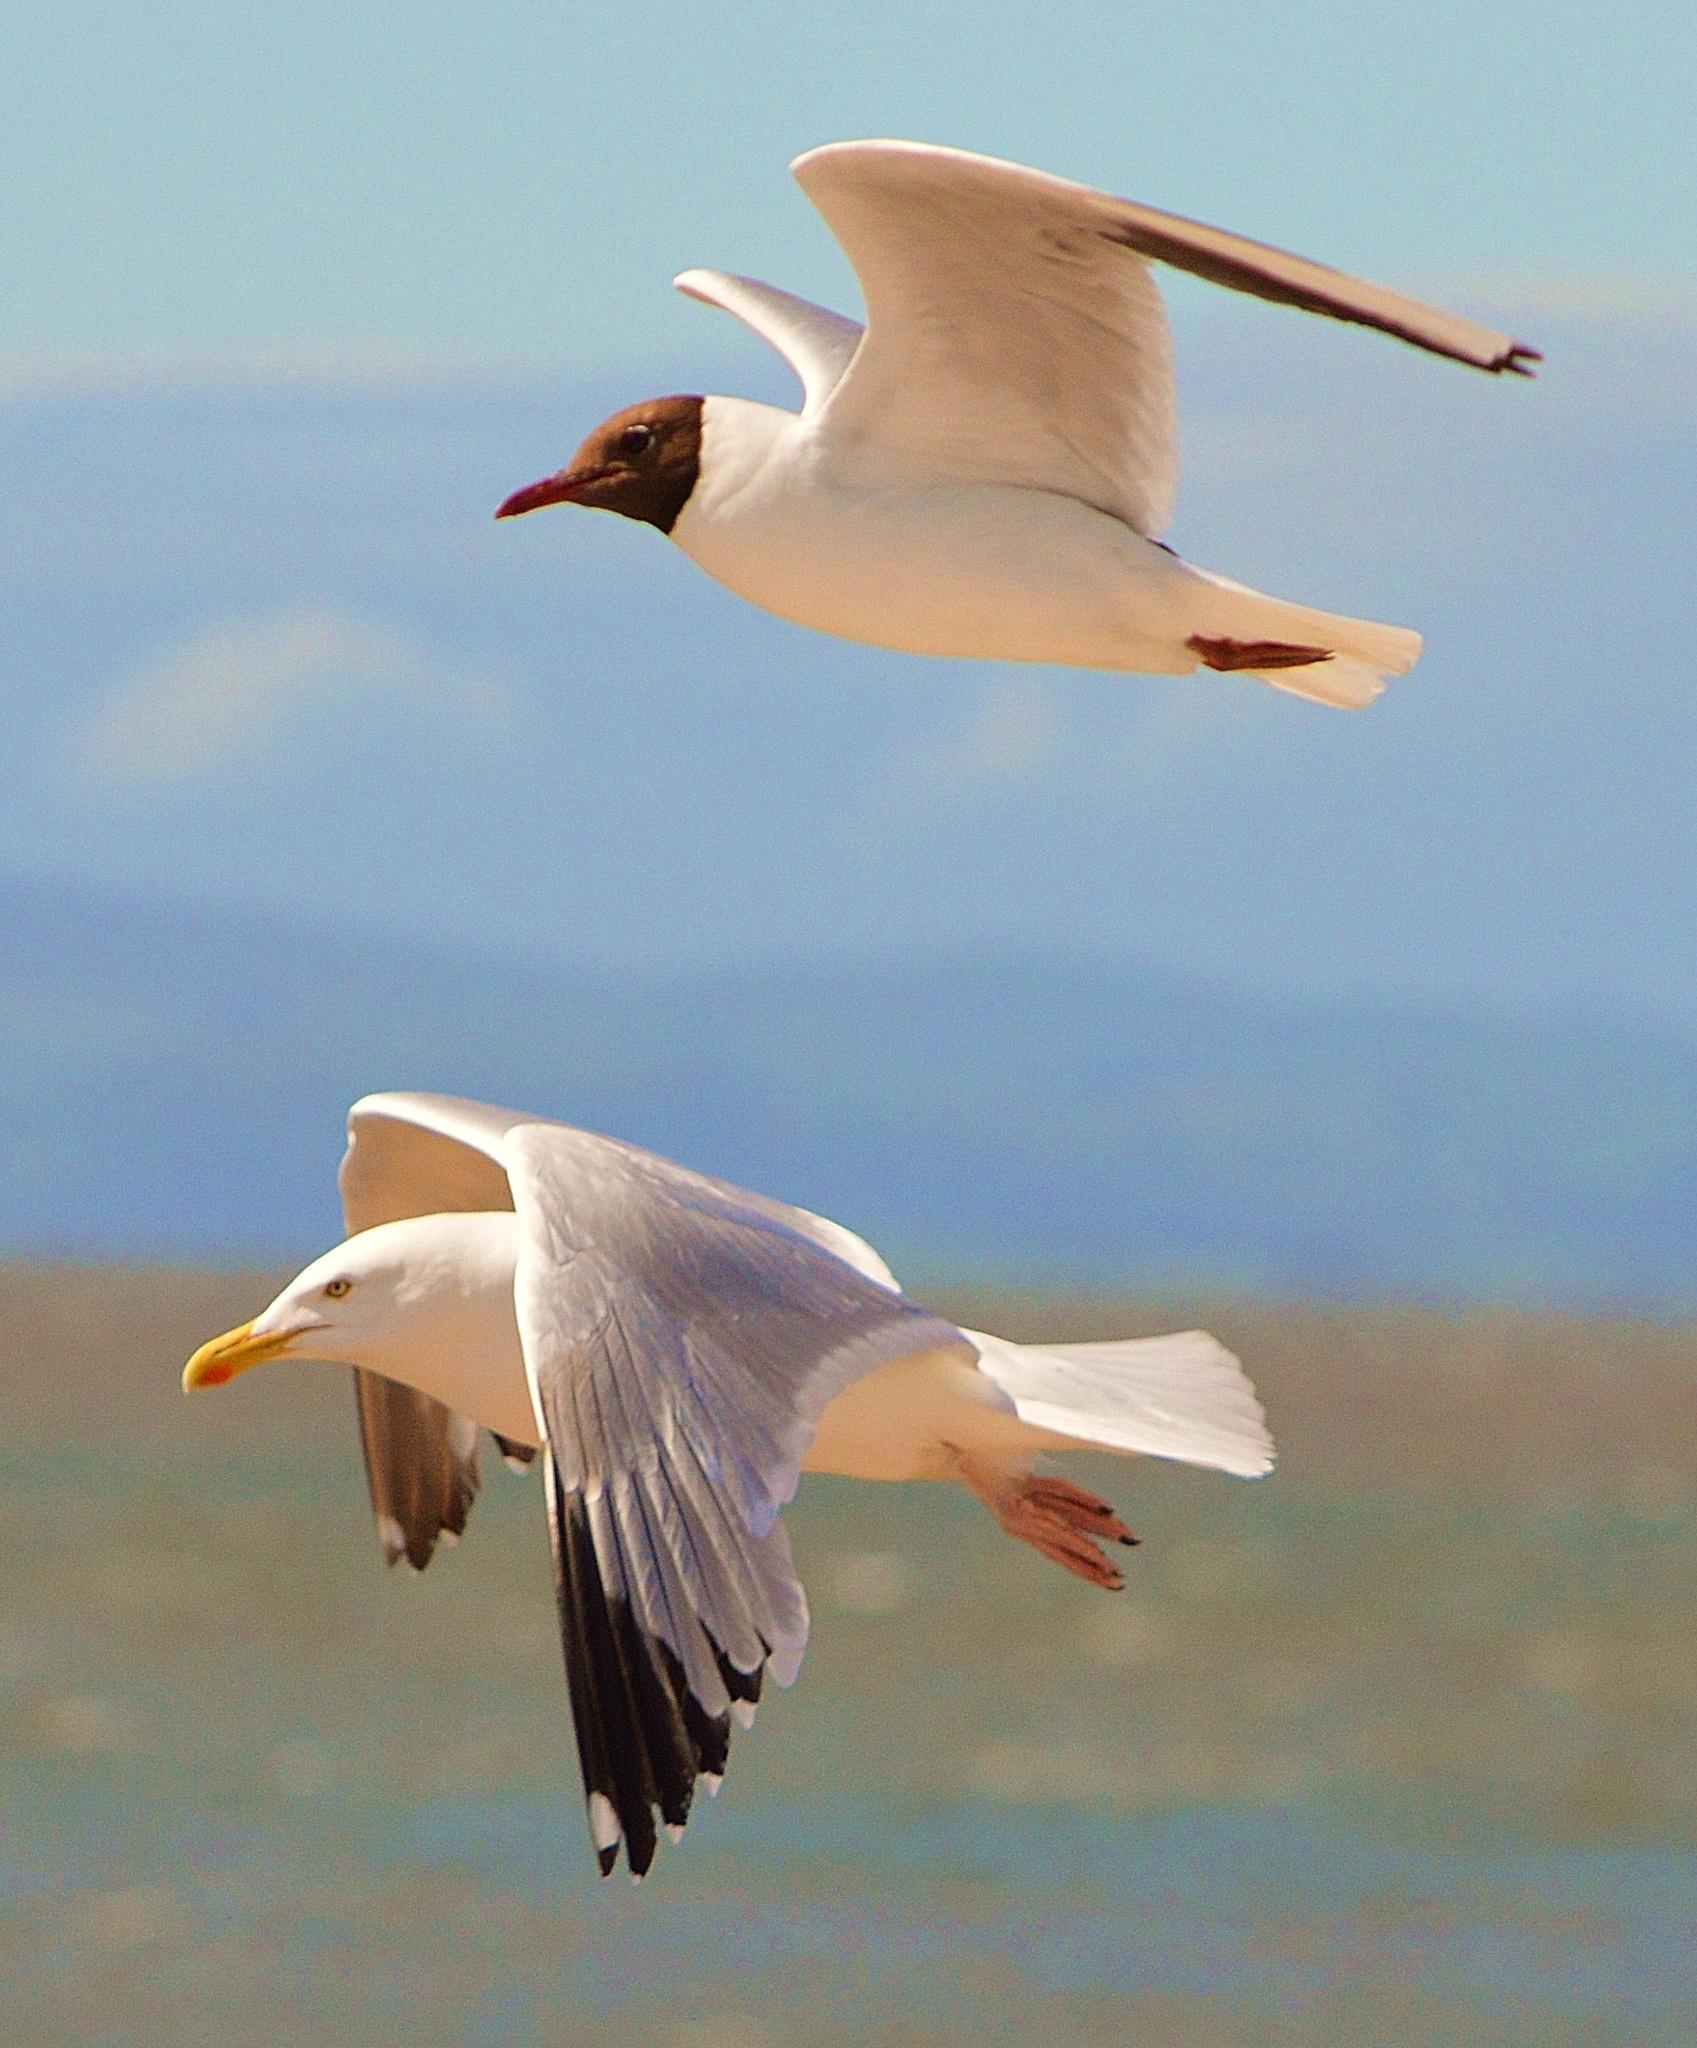 Two Gulls by Steve Wilkinson